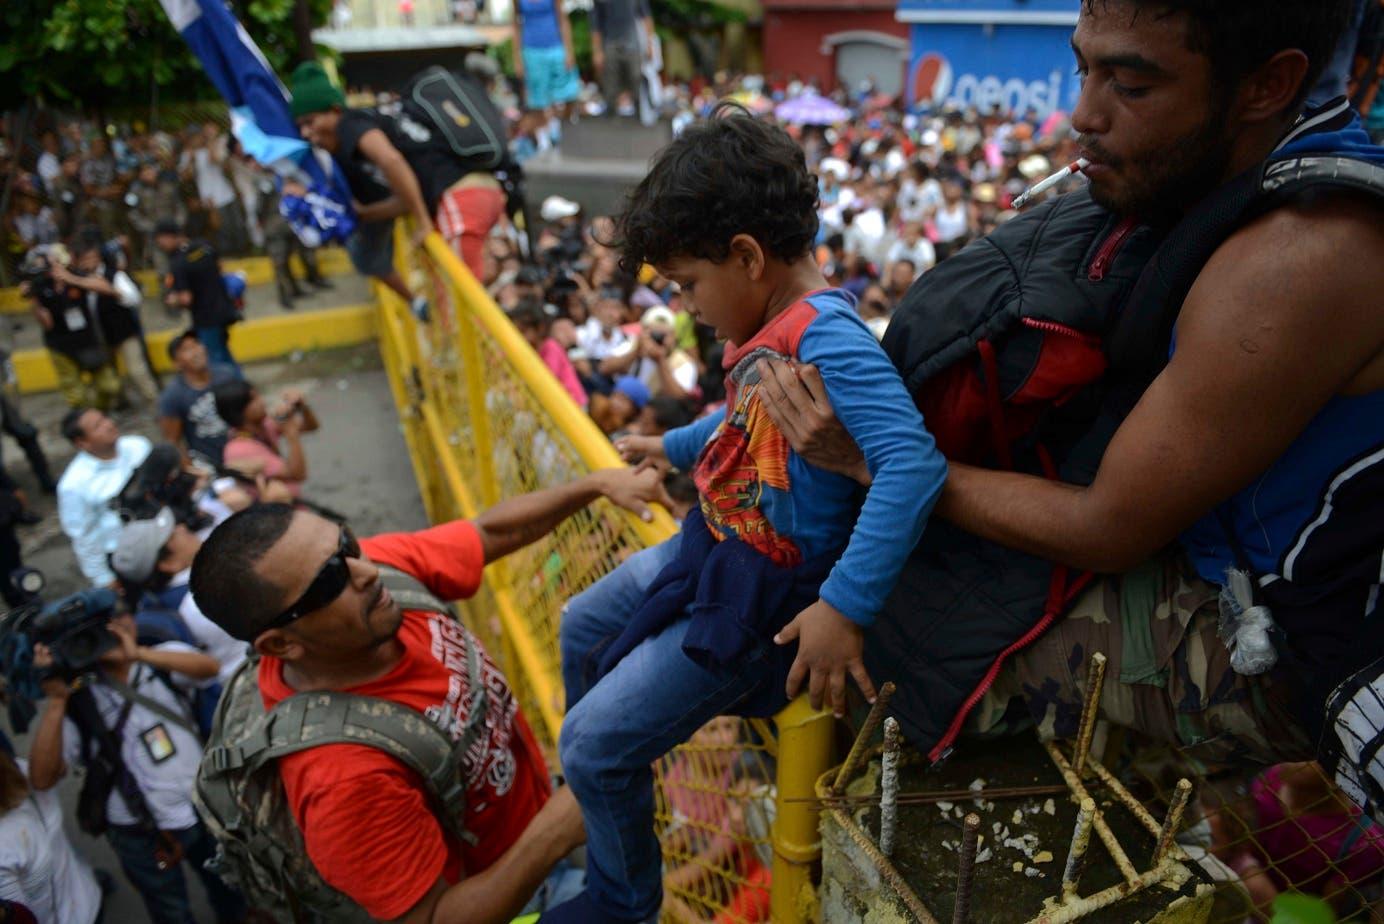 19. Miles de migrantes hondureños lograron cruzar la frontera entre Guatemala y México en su marcha hacia Estados Unidos. (AP Photo/Oliver de Roos)